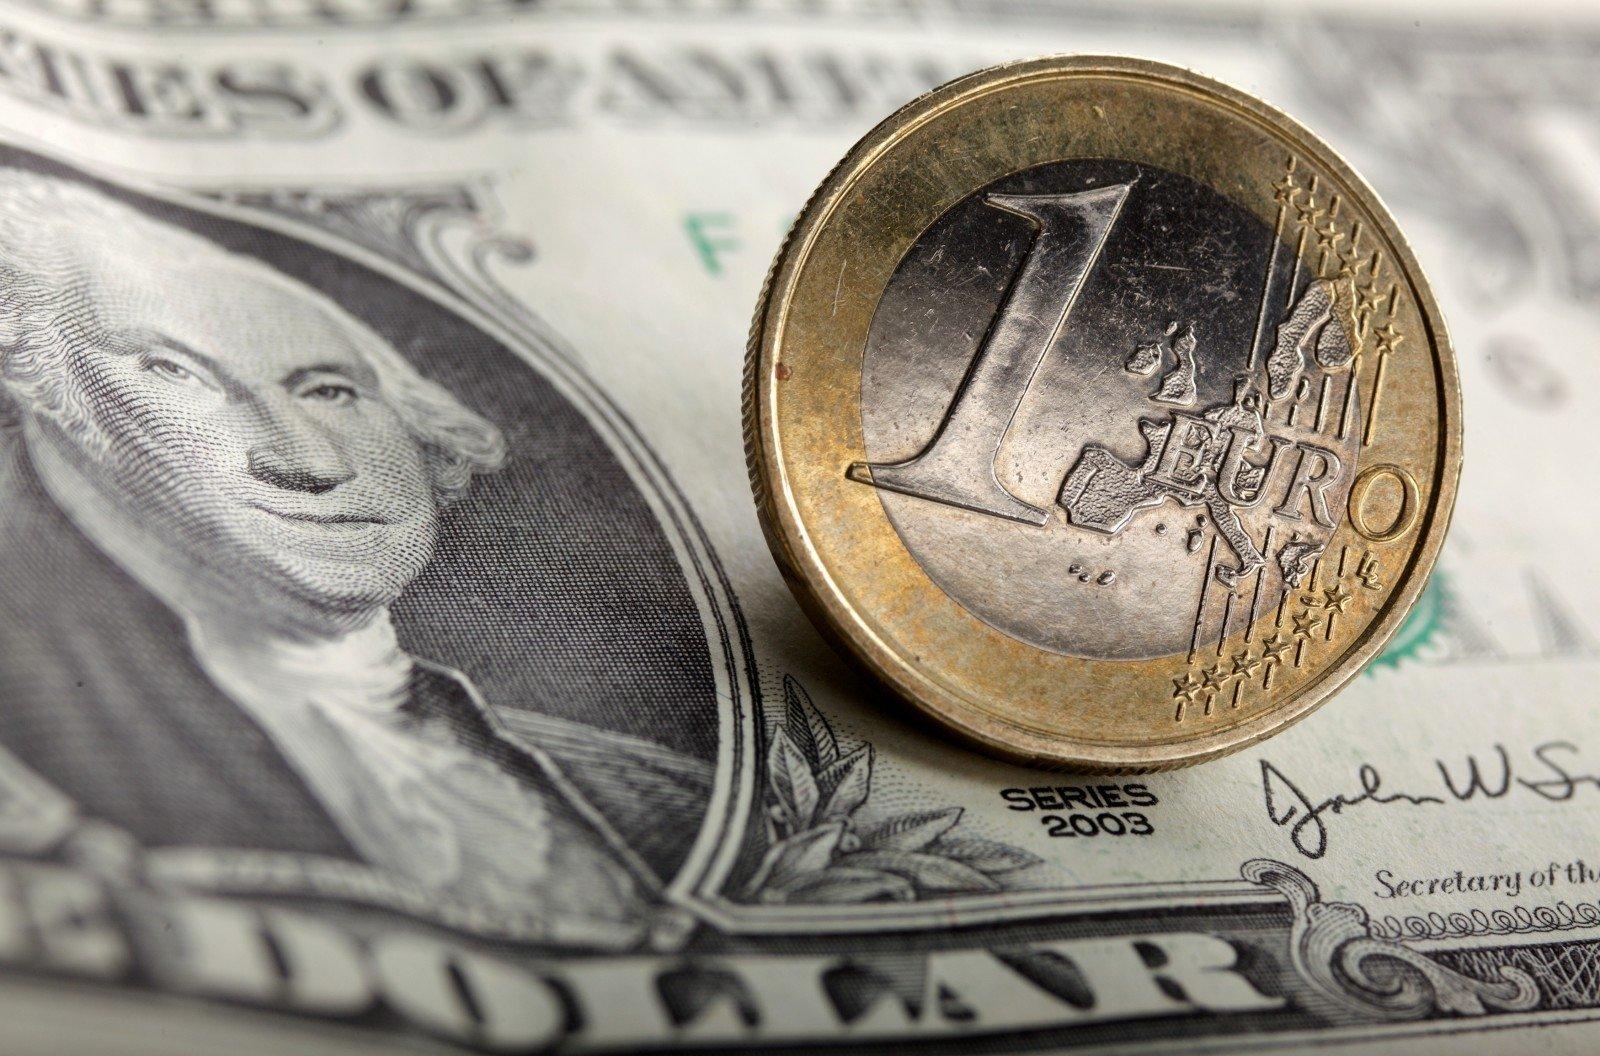 prekybos kriptovaliuta doleris)